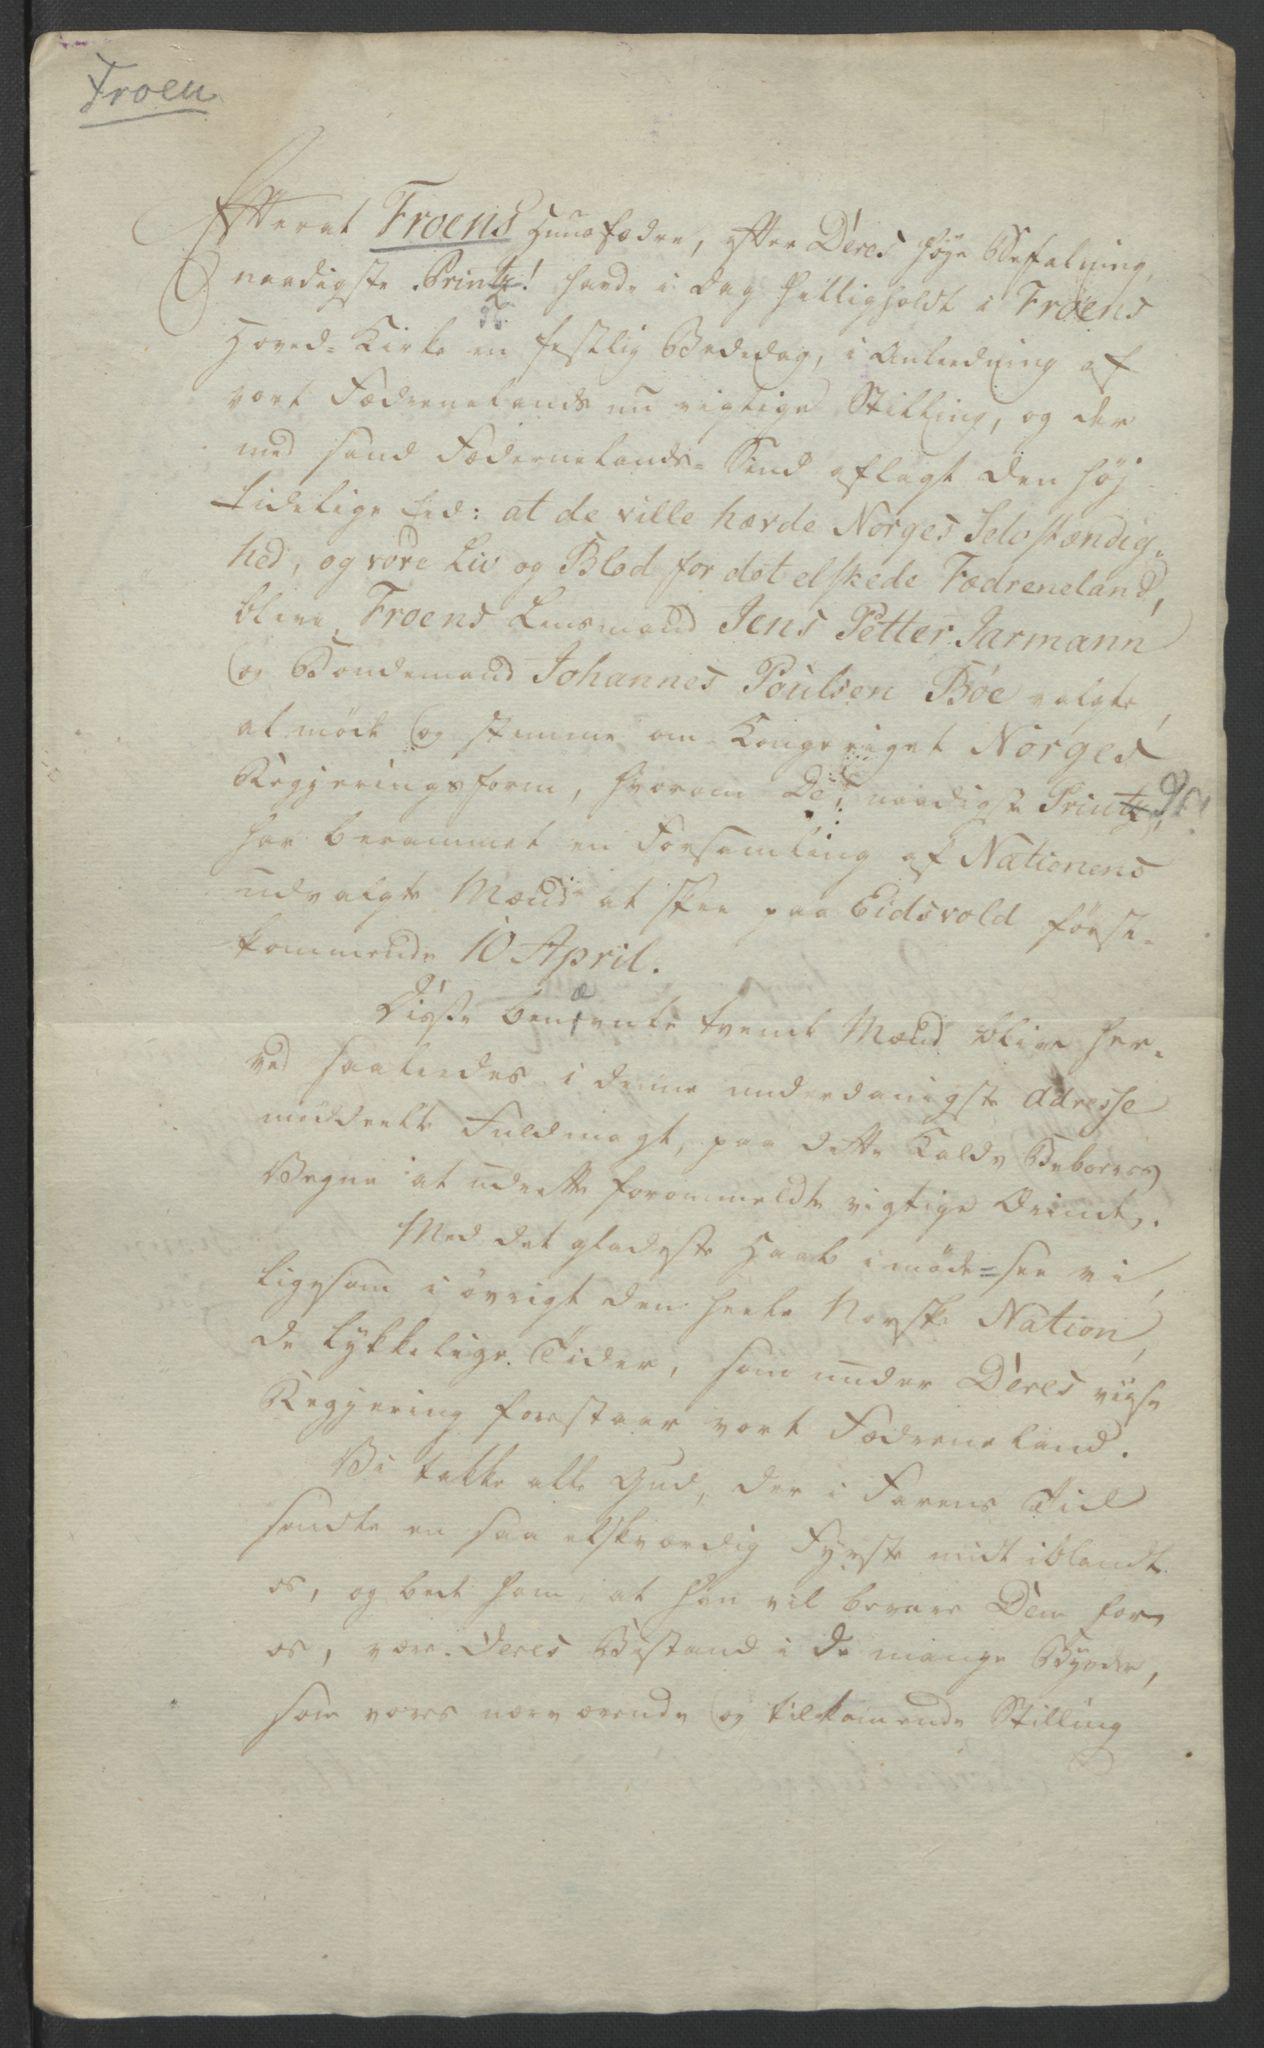 RA, Statsrådssekretariatet, D/Db/L0007: Fullmakter for Eidsvollsrepresentantene i 1814. , 1814, s. 256